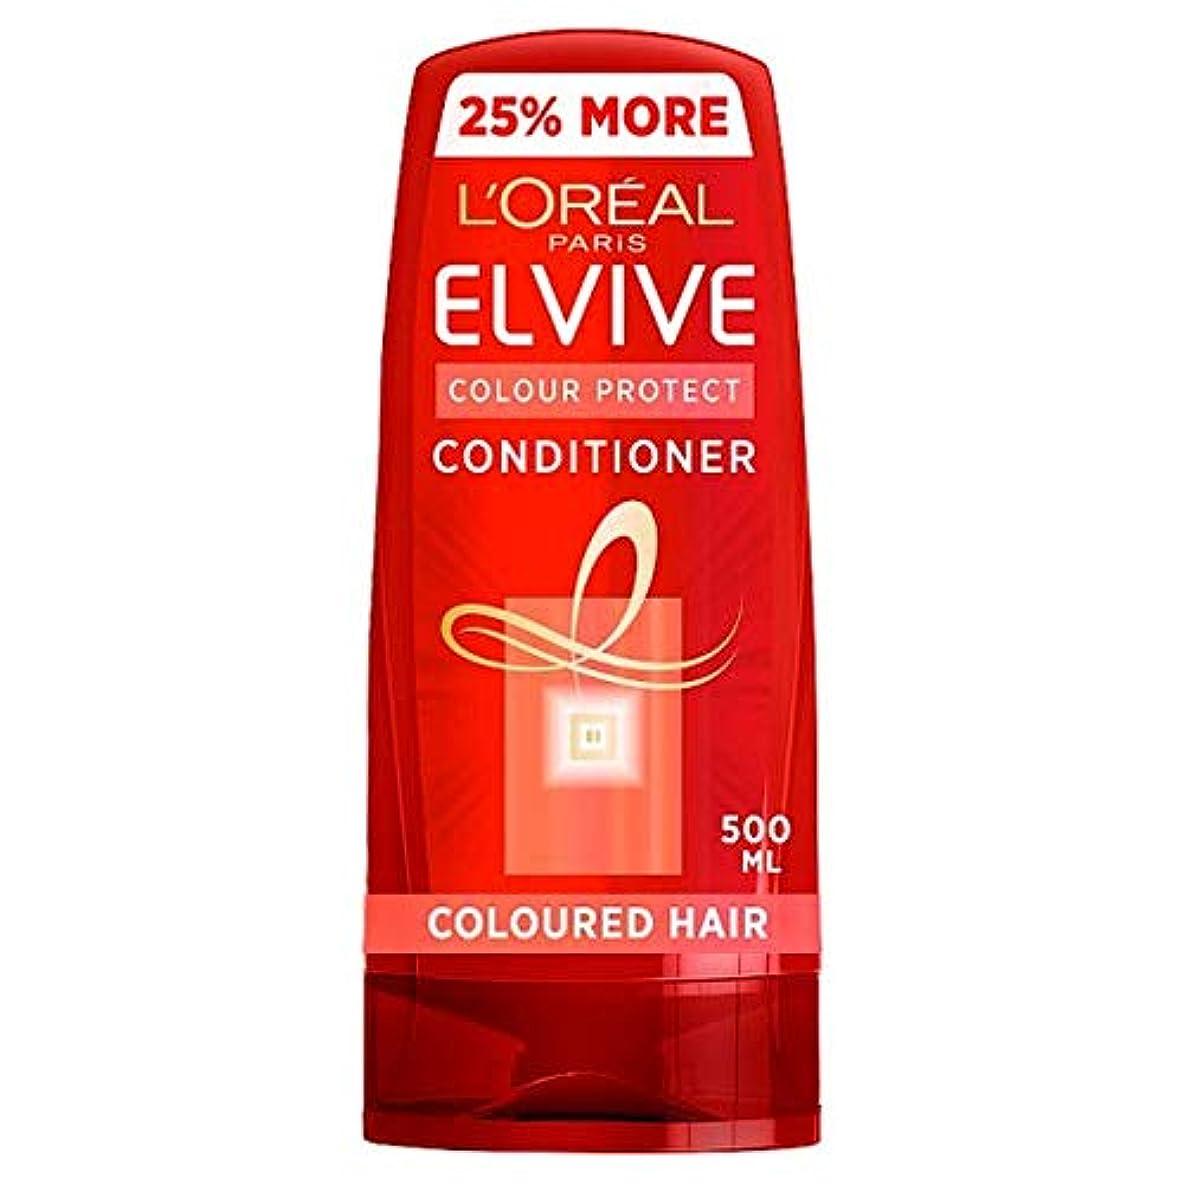 状責リップ[Elvive] ロレアルのElviveの色は、着色ヘアコンディショナー500ミリリットルを保護します - L'oreal Elvive Colour Protect Coloured Hair Conditioner...